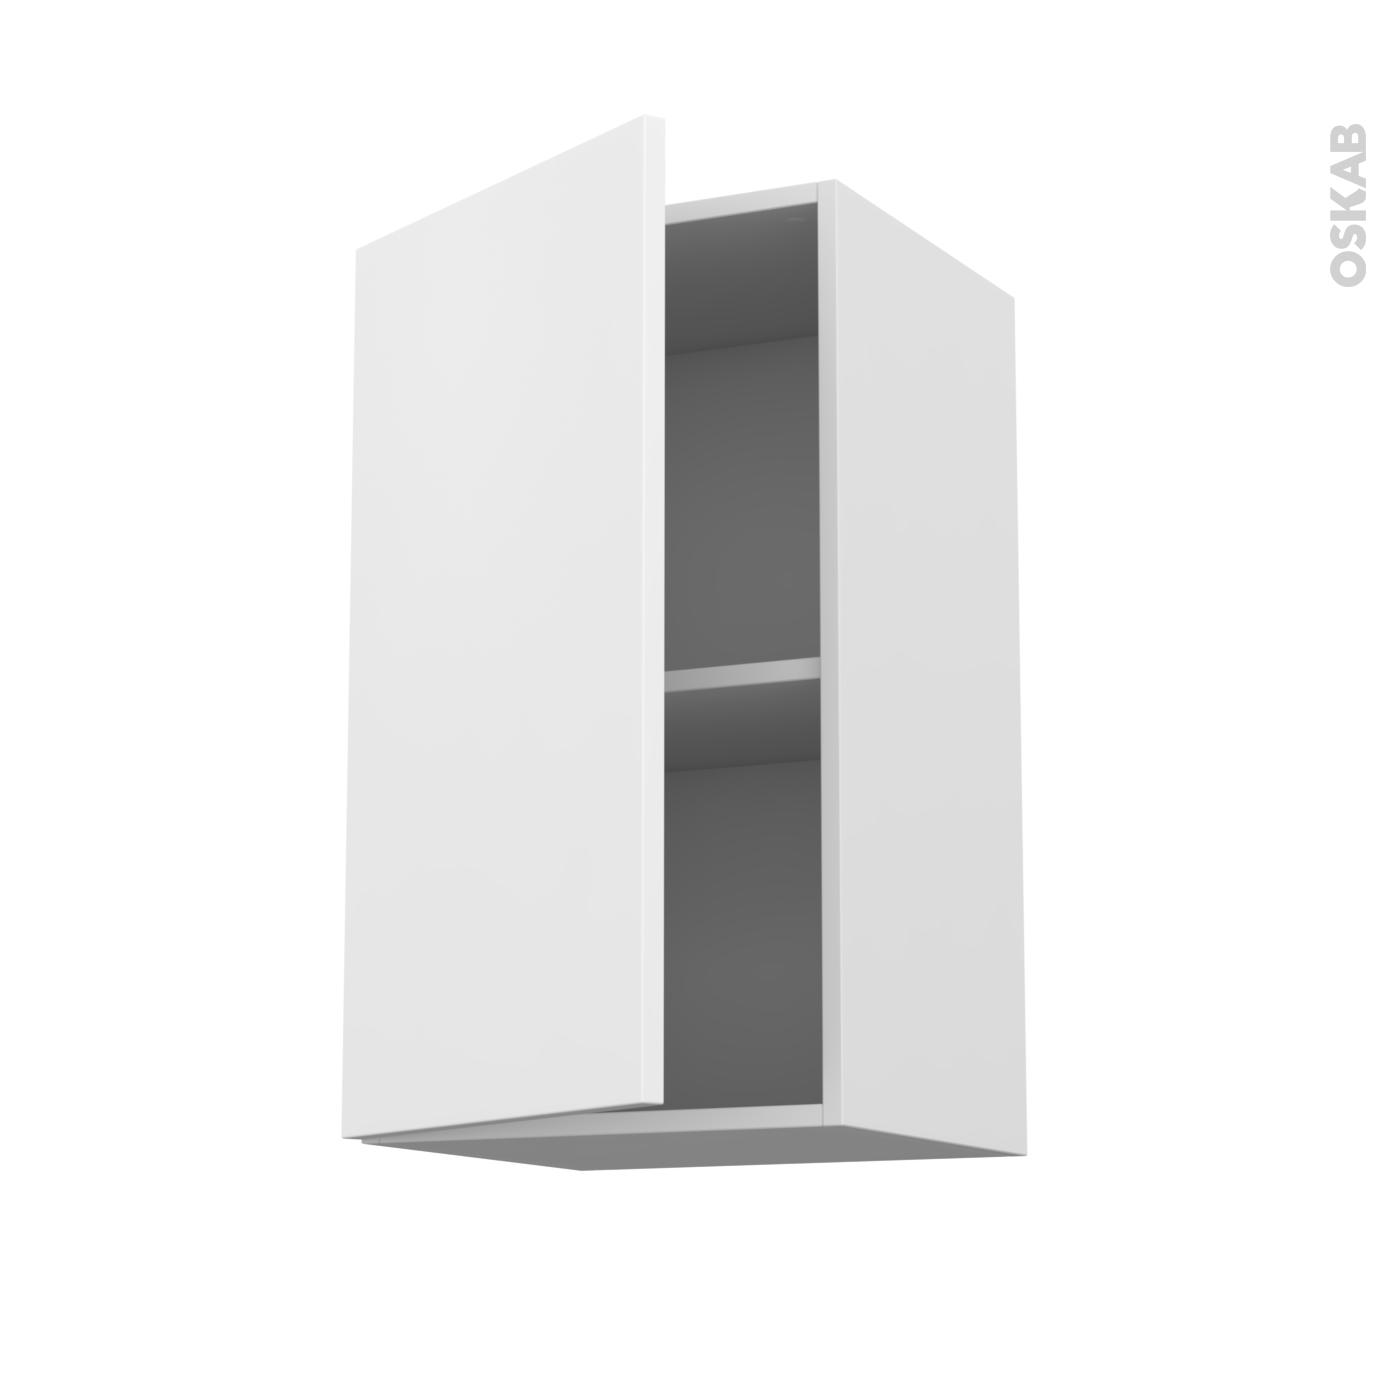 Meuble de cuisine Haut ouvrant GINKO Blanc, 13 porte, L13 x H13 x P13 cm